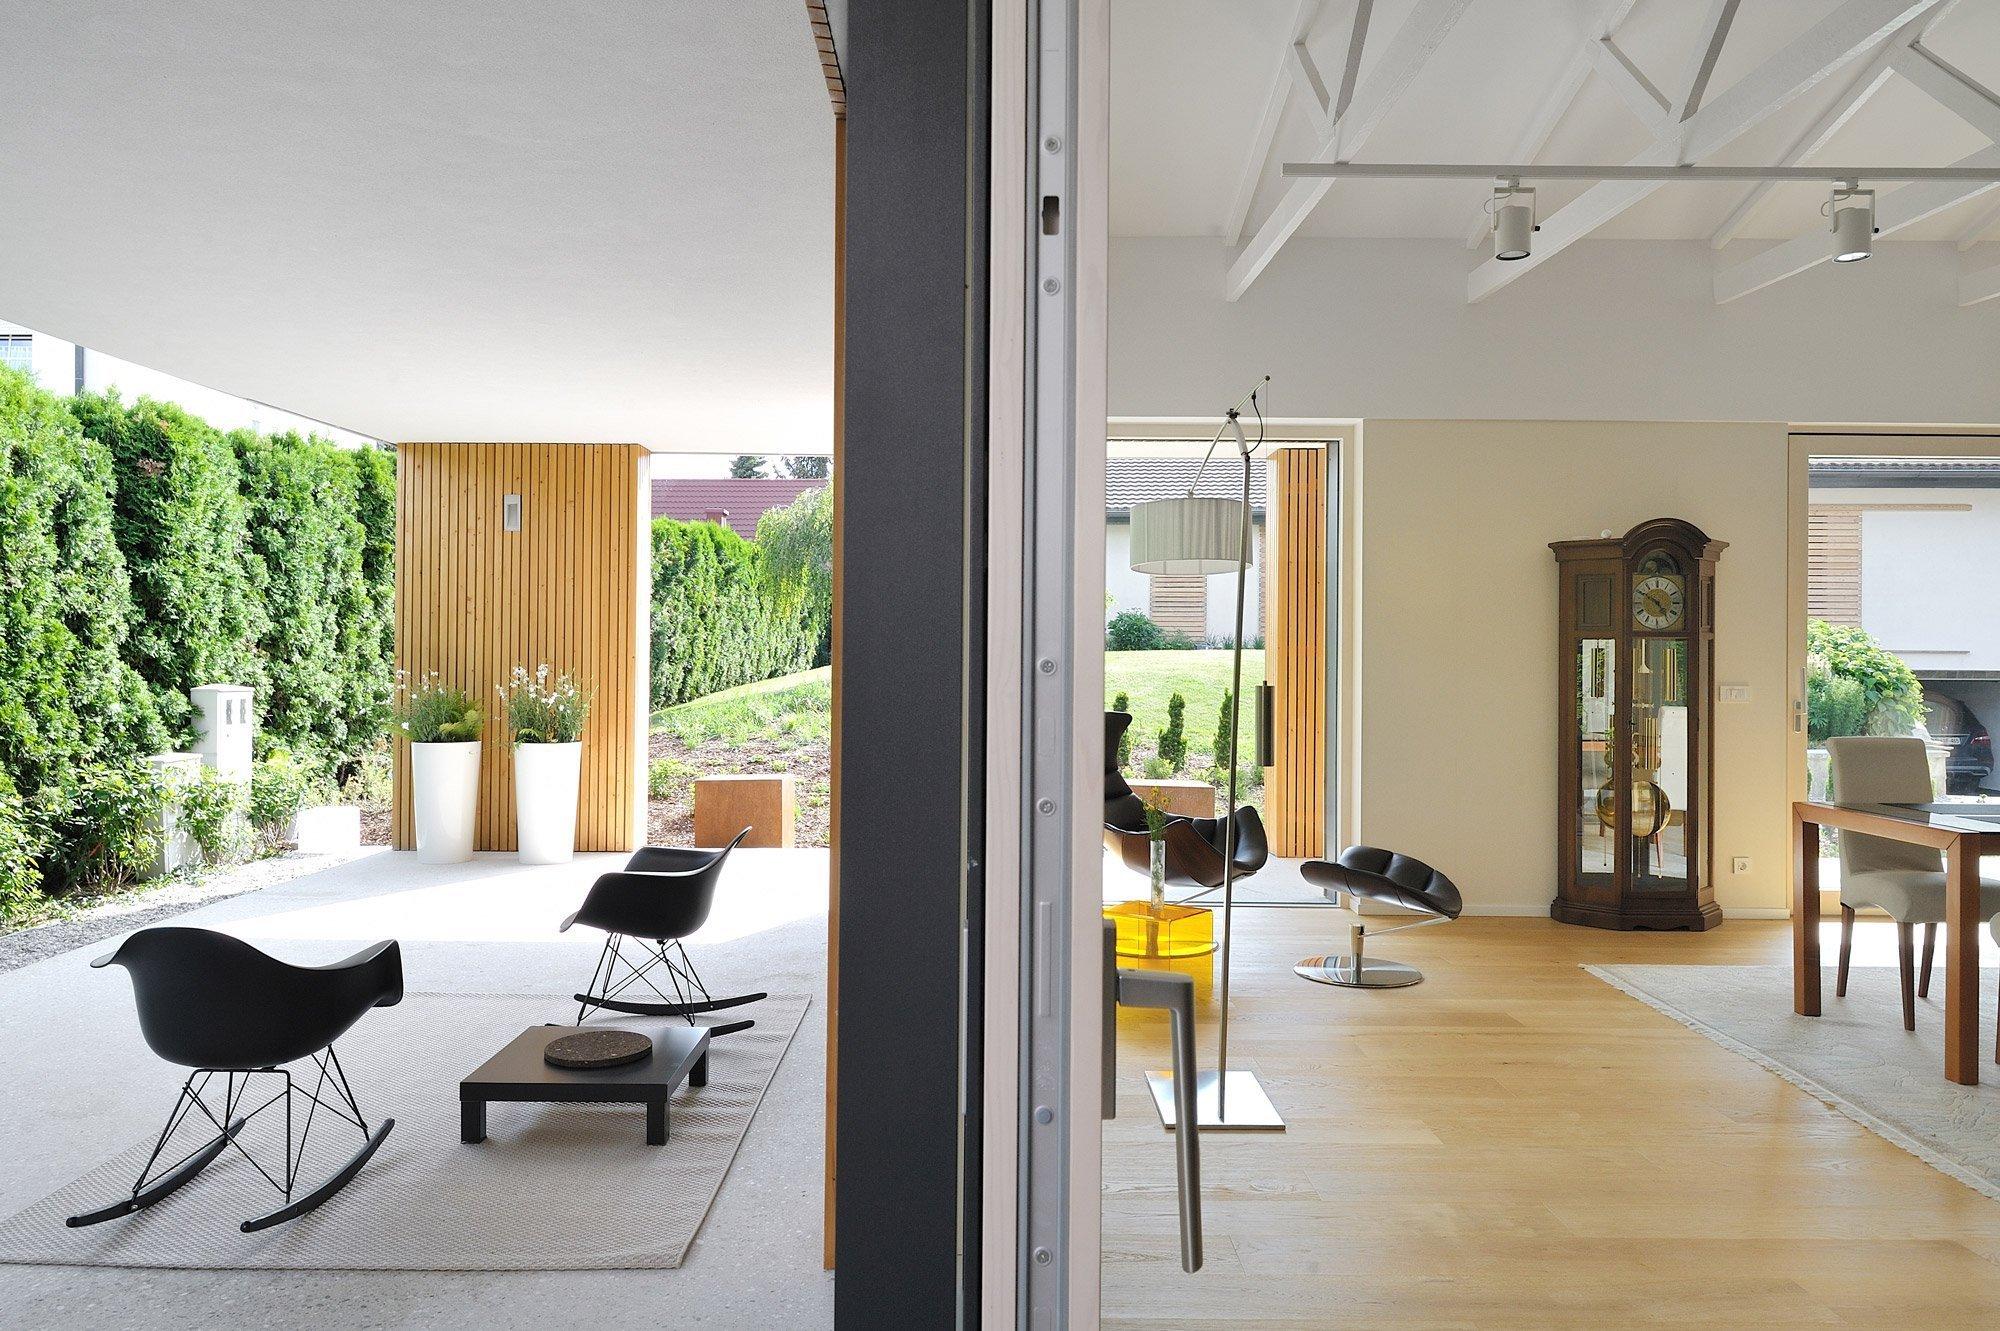 Dnes si představíme moderní dům, který nedávno prošel svou celkovou rekonstrukcí, a to pod taktovkou zkušených architektů. Z původně nevyužitého prostoru se stalo krásné místo k bydlení. Dům se nachází ve Slovinském městě Ptuj a má určitě co nabídnout.